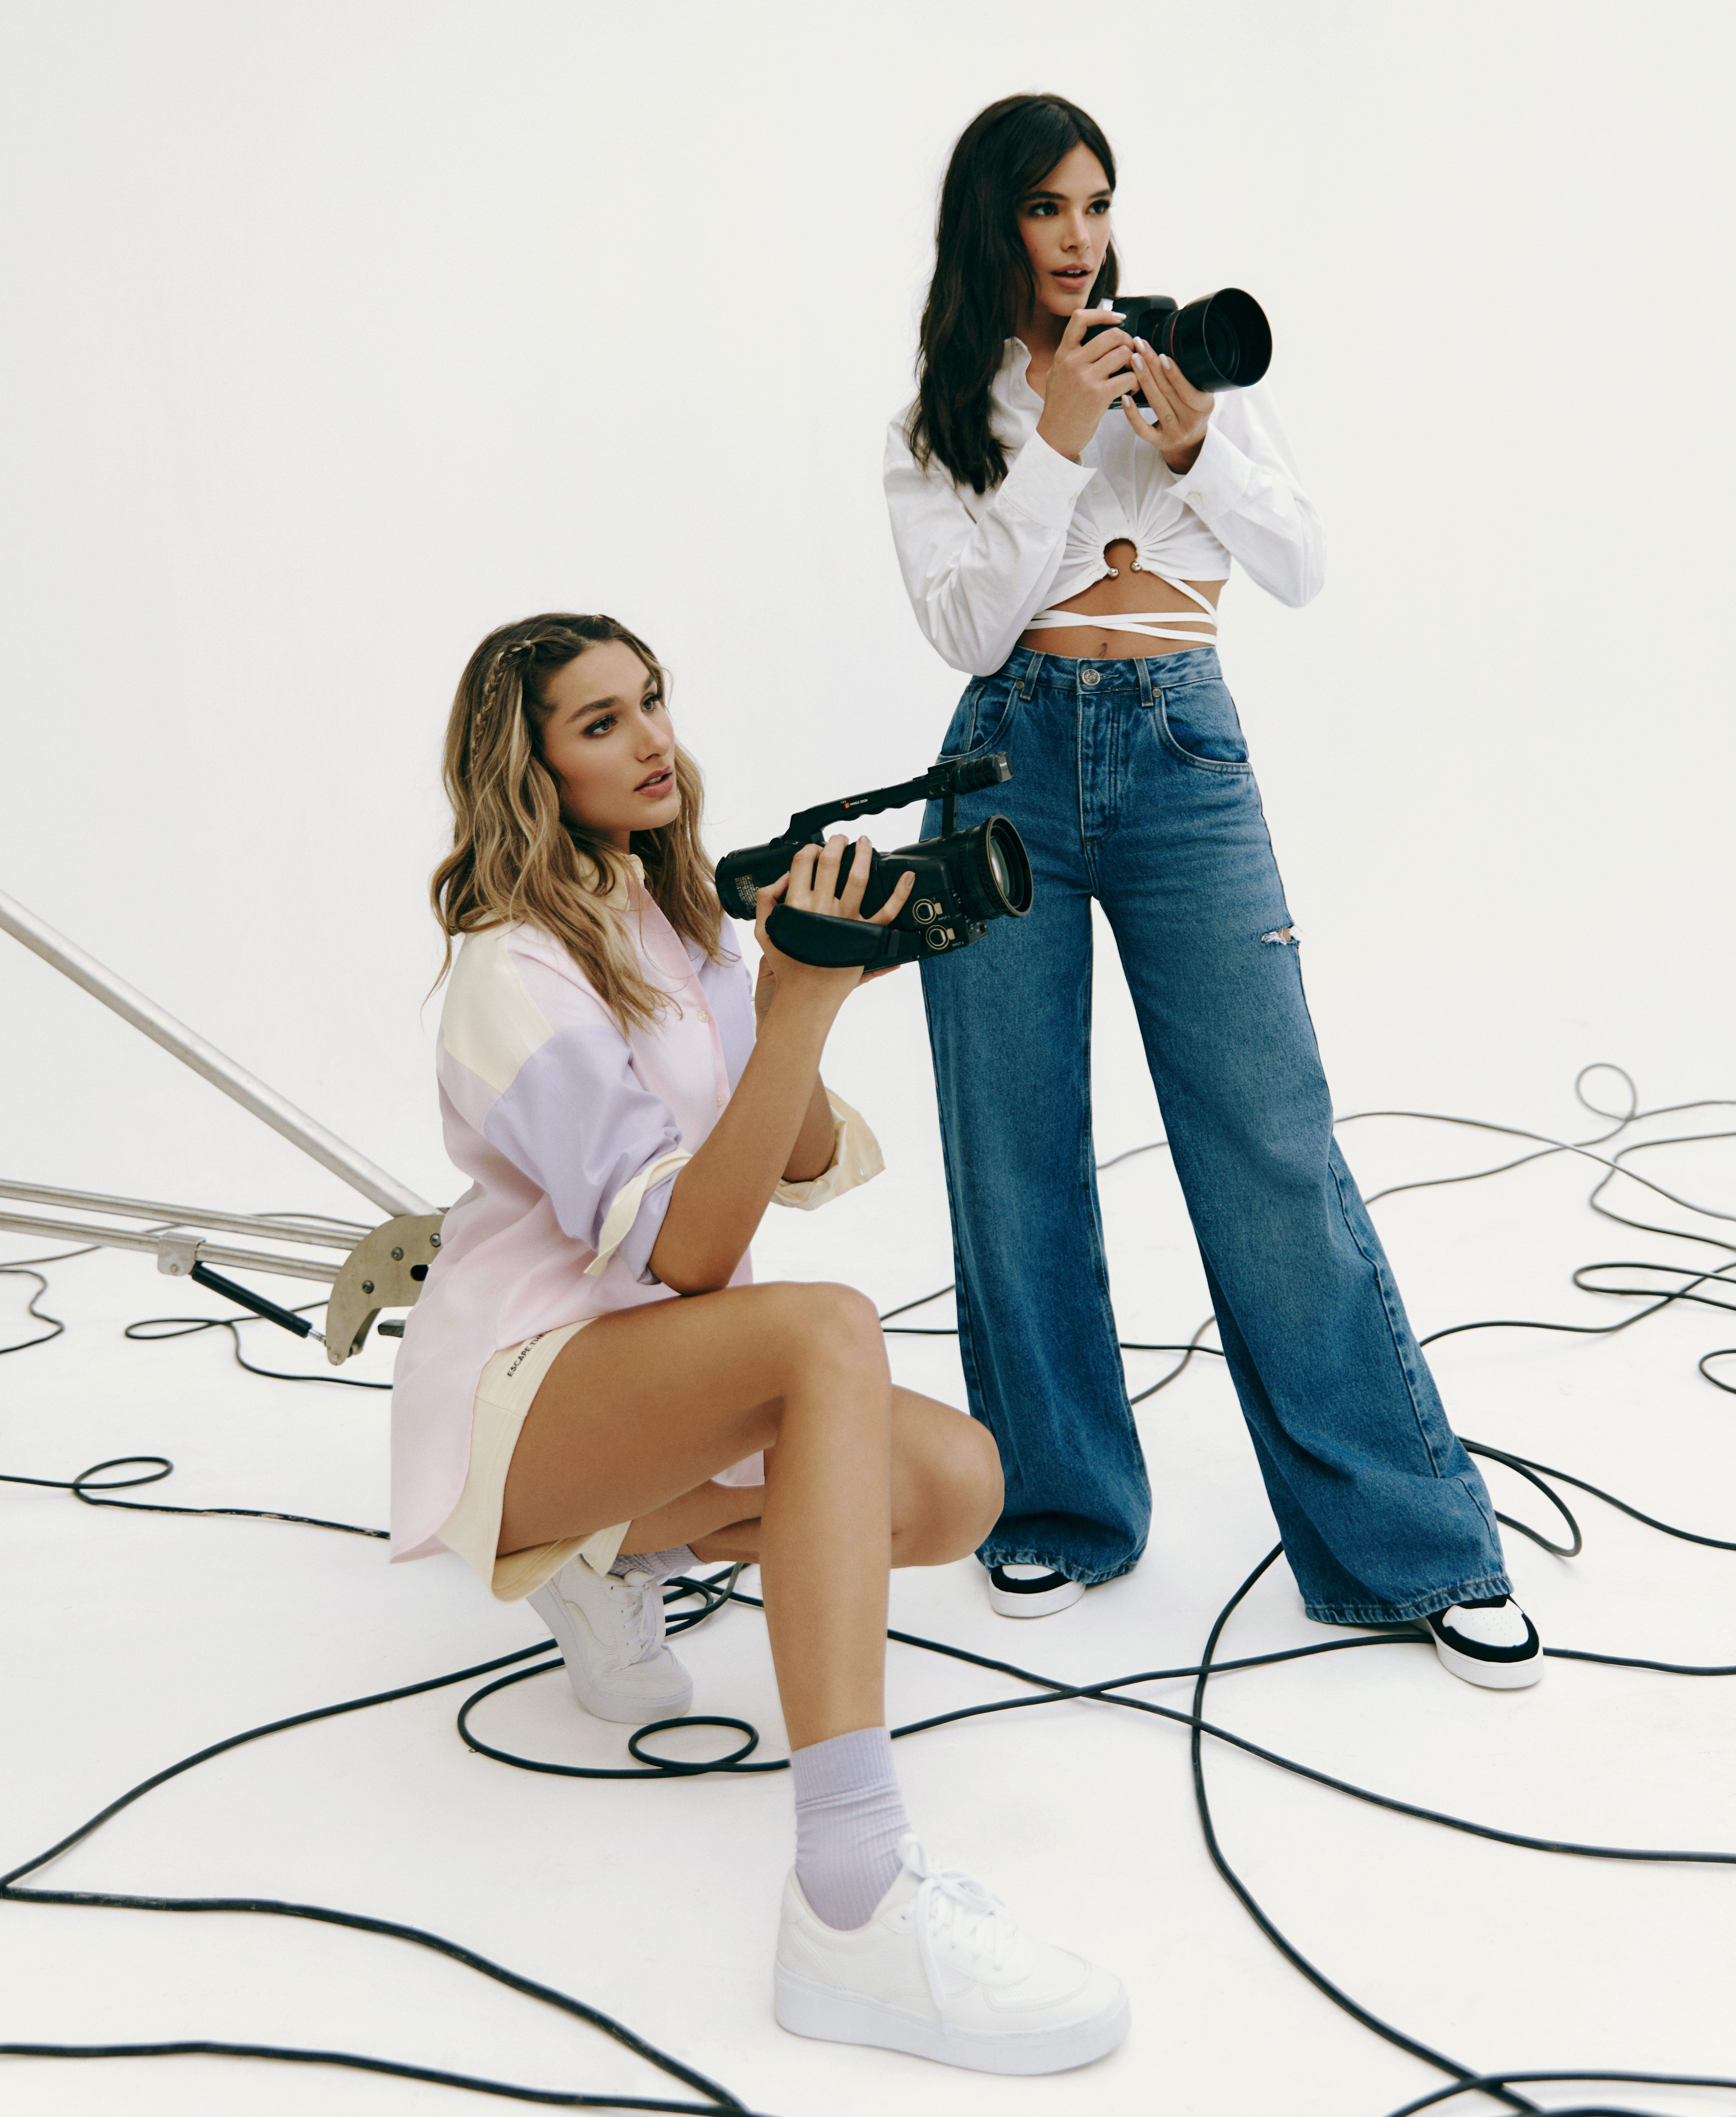 Sasha Meneghel e Bruna Marquezine. Sasha está agachada no chão com uma camisa e um tênis branco enquanto segura uma câmera. Bruna está em pé, com um cropped branco e calça jeans enquanto segura uma câmera.